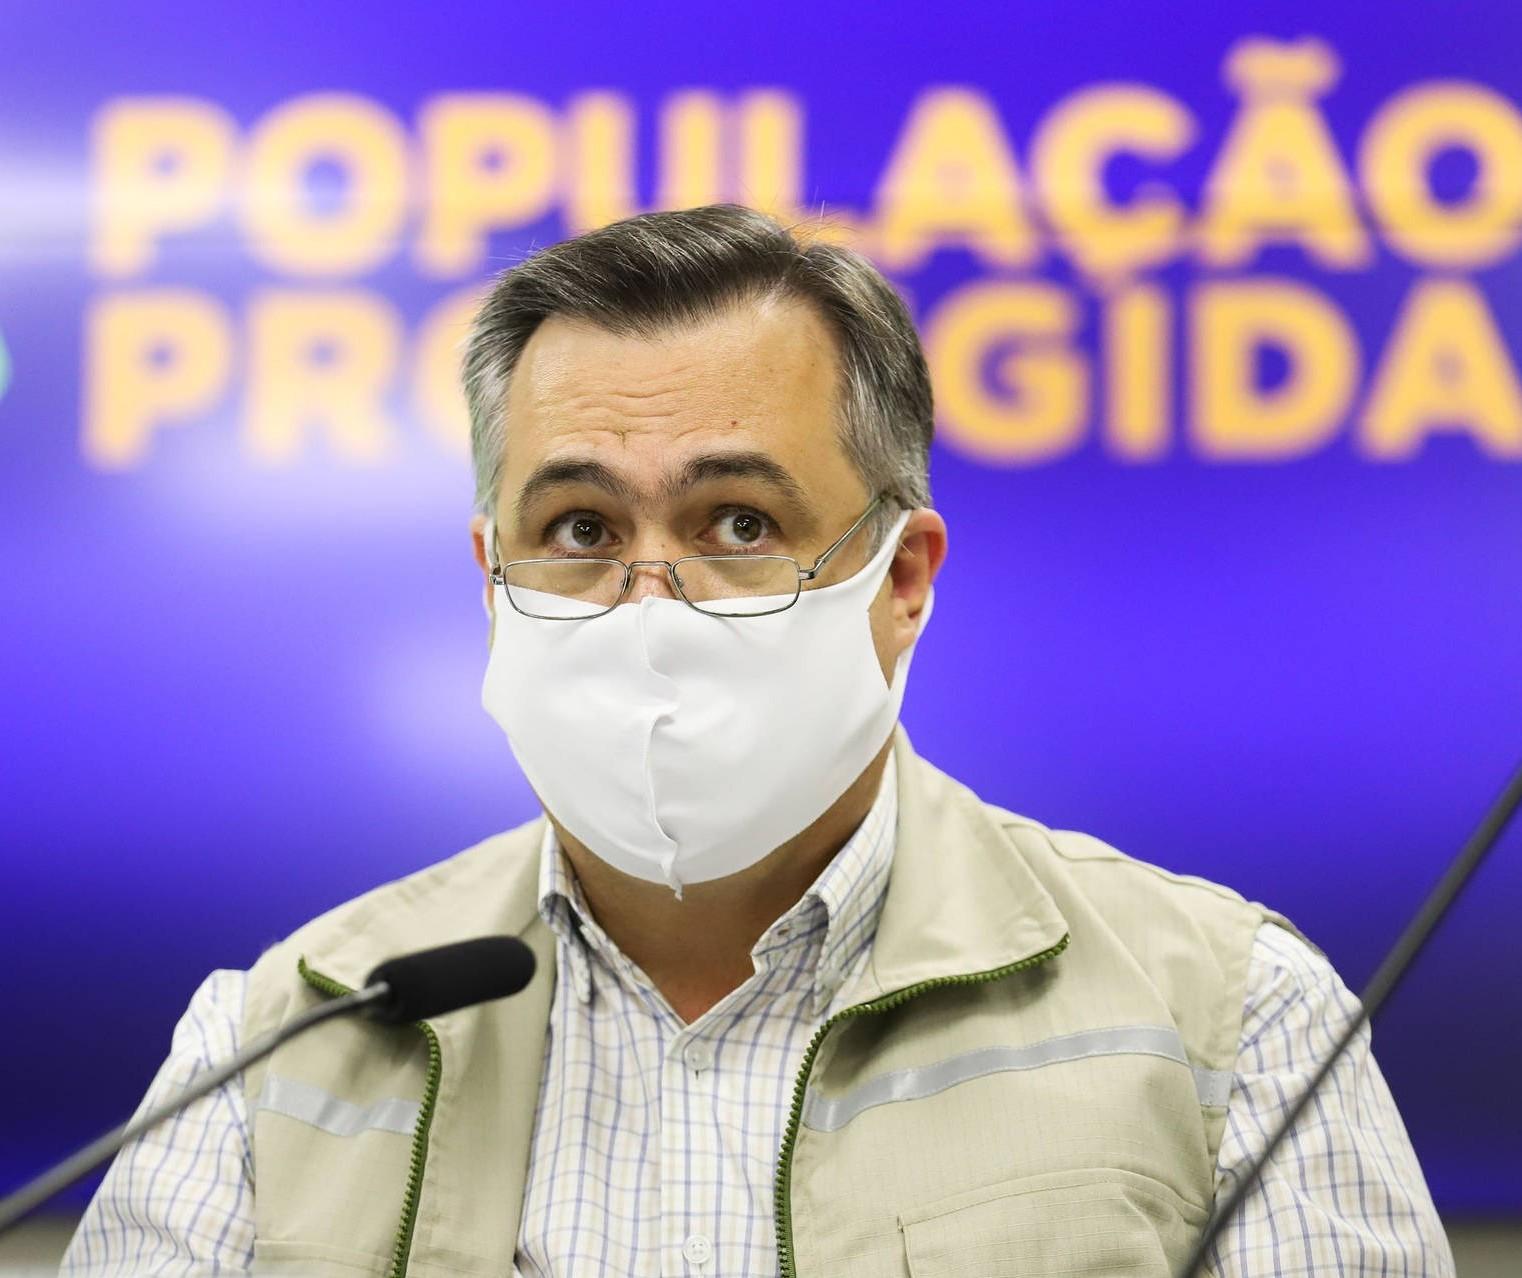 Vacinas para adolescentes devem chegar ao Paraná a partir do dia 15, diz Beto Preto